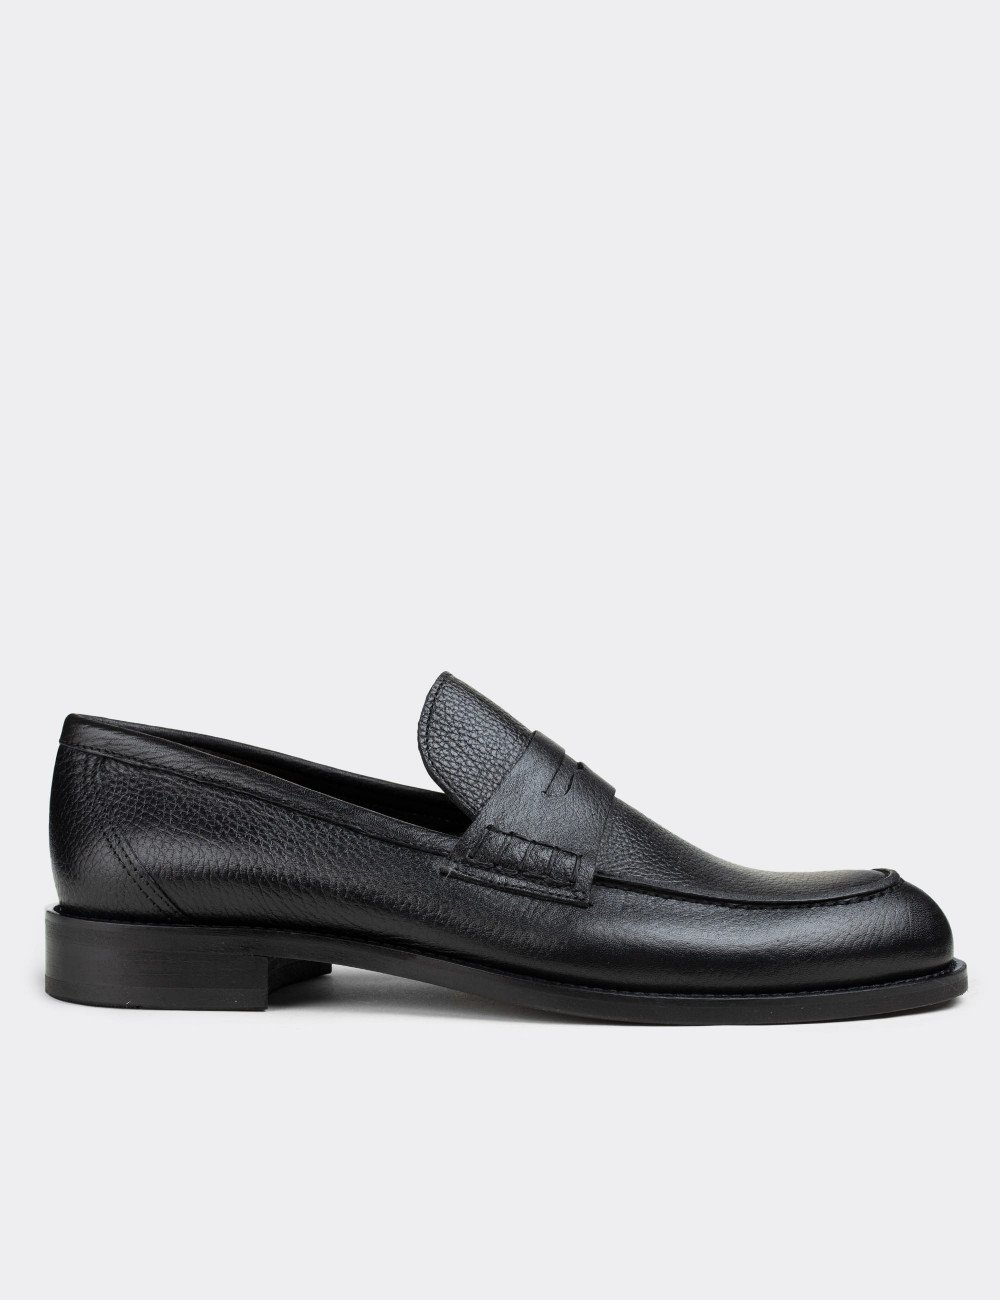 Hakiki Deri Siyah Loafer Erkek Ayakkabı - 01538MSYHN07